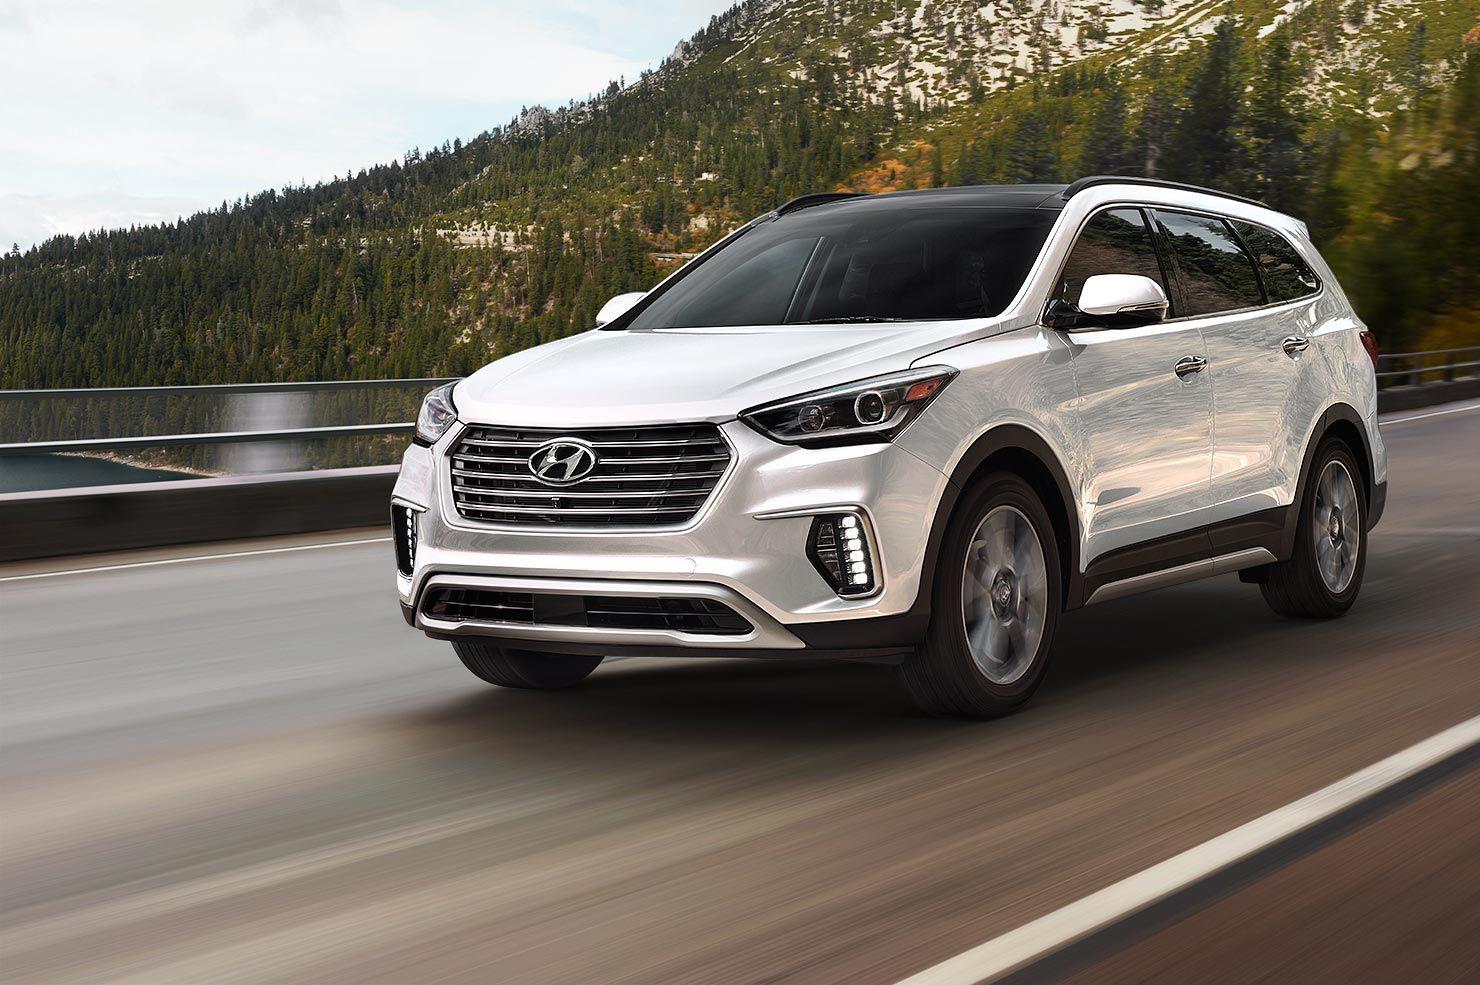 2017 Hyundai Santa Fe Hyundai santa fe interior, Hyundai